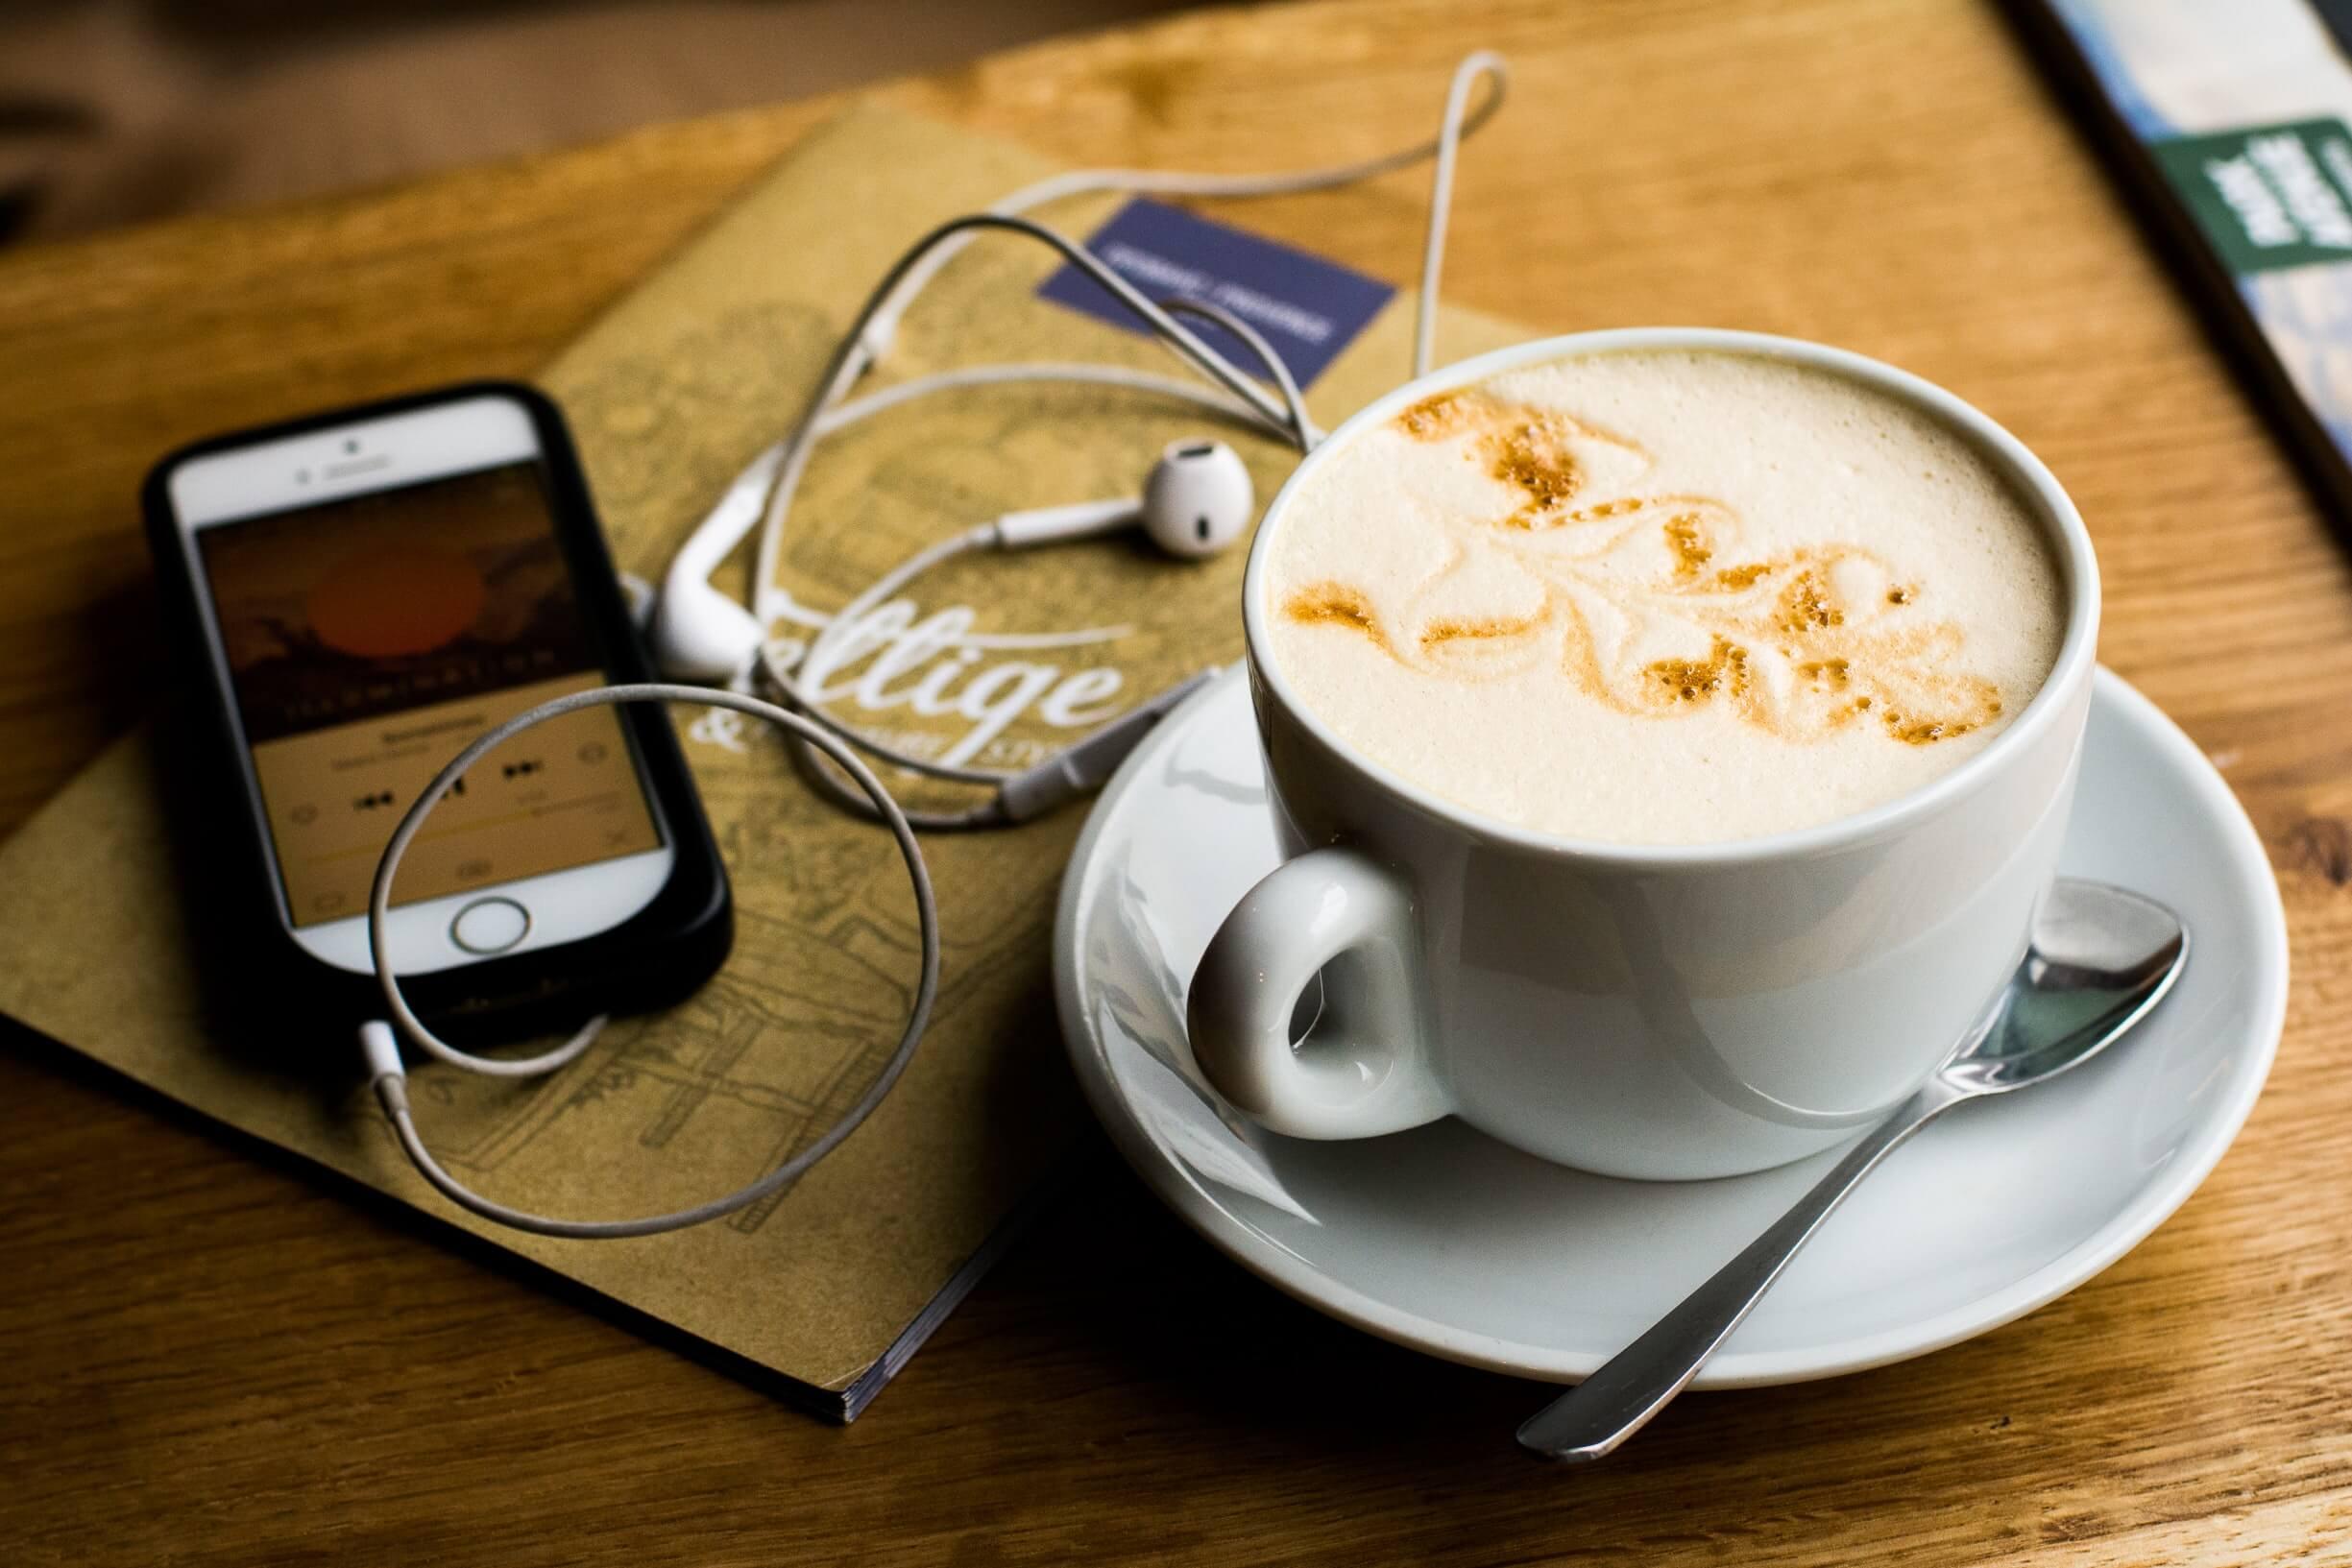 コーヒーと一緒に聴きたい音楽